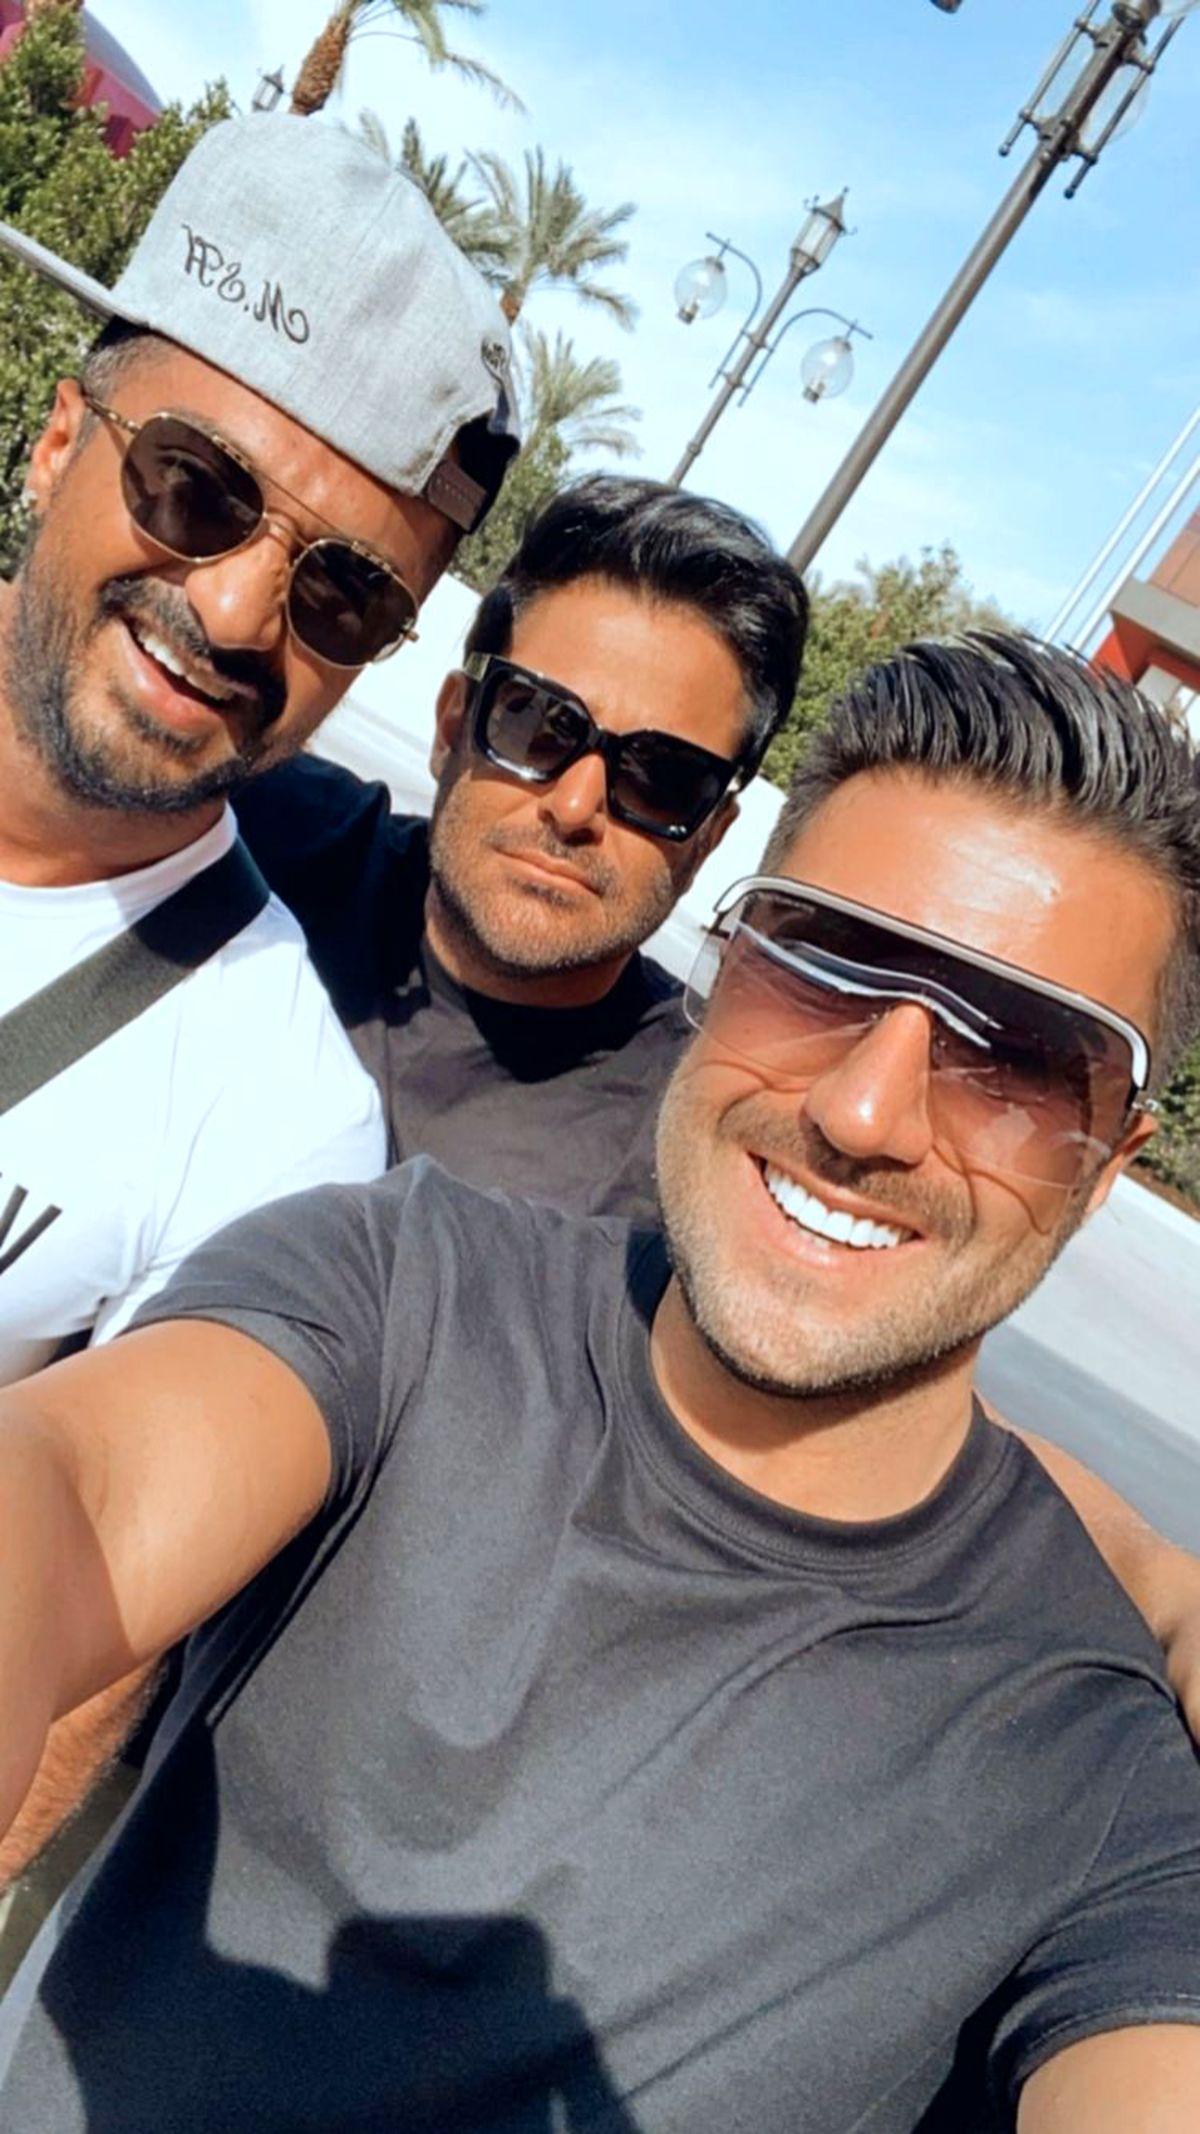 محمدرضا گلزار و دوست خواننده اش + عکس